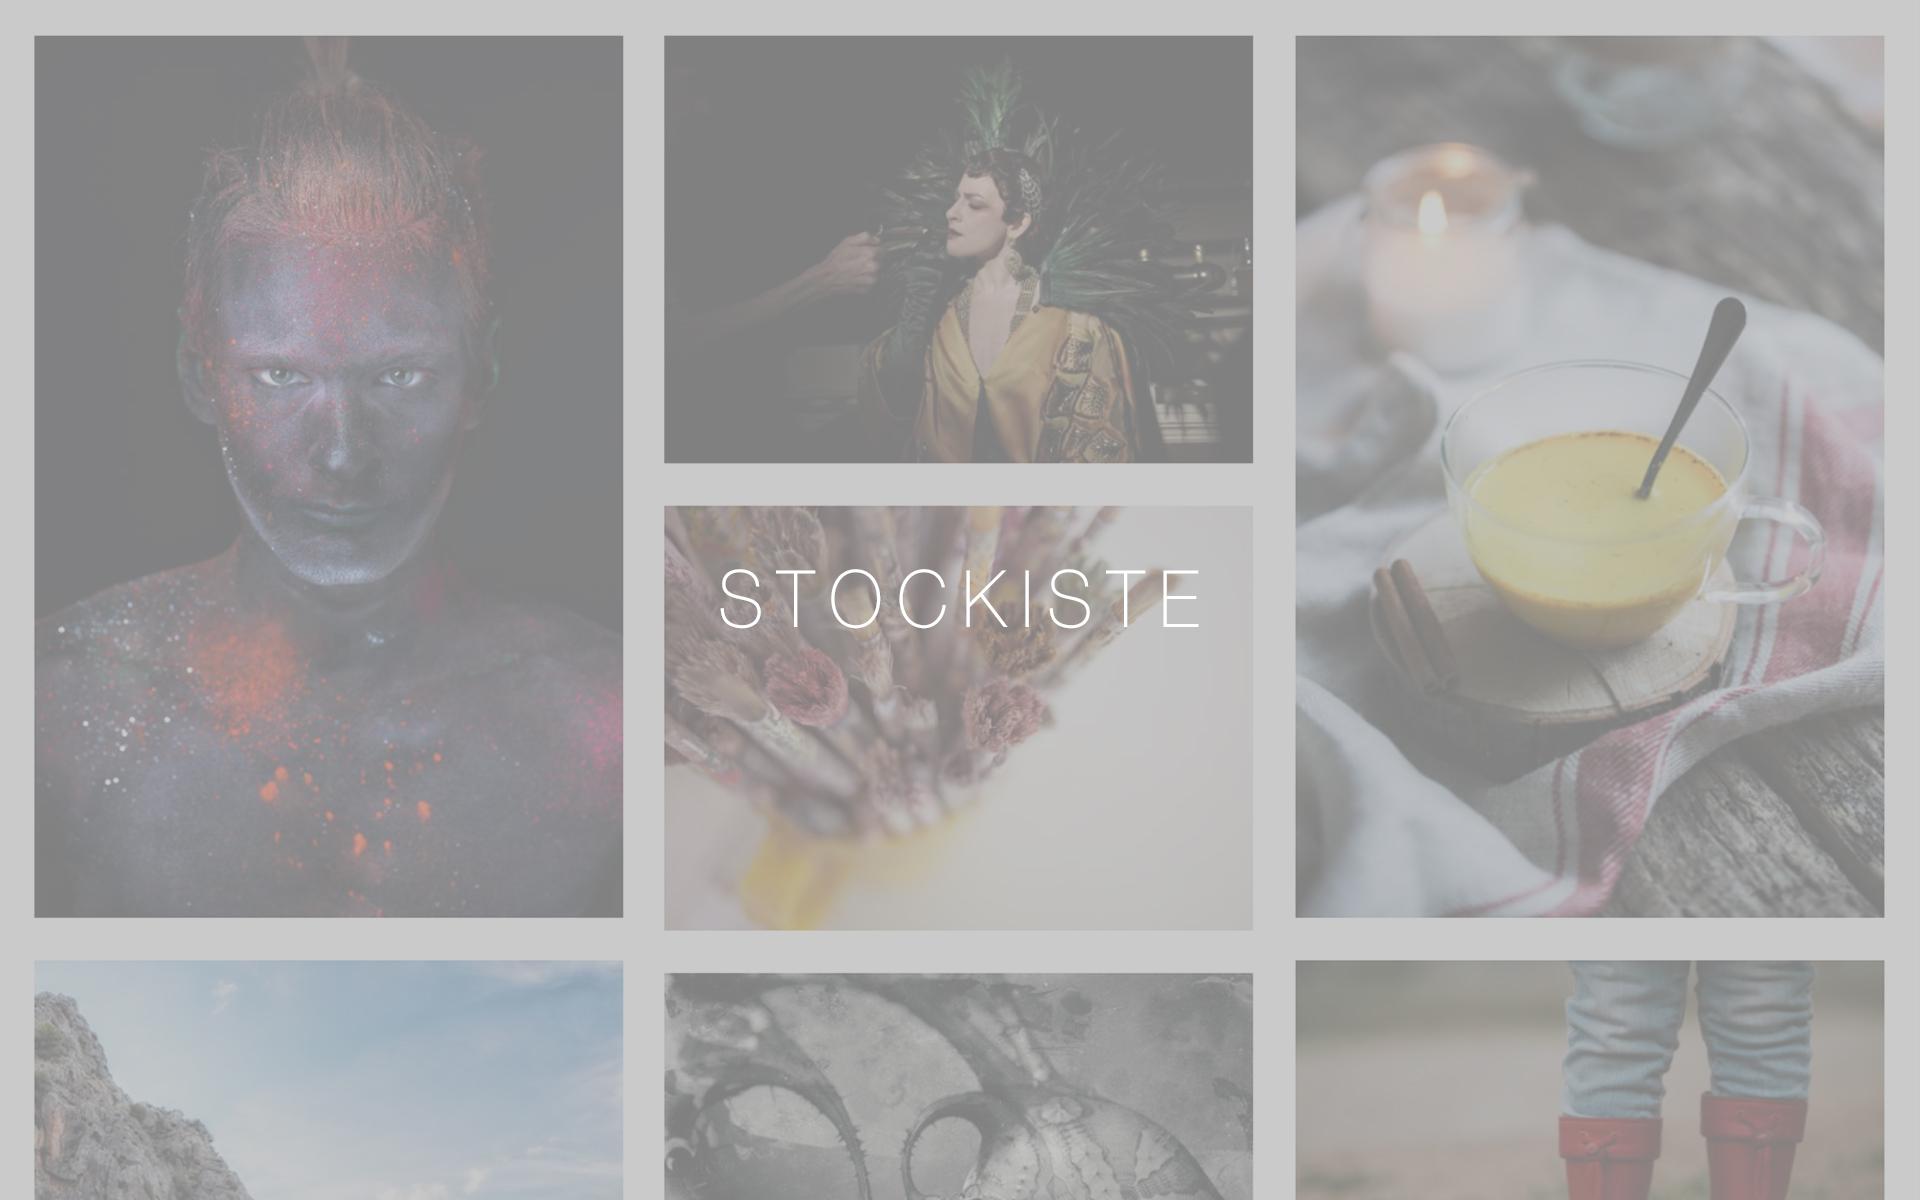 Nouveausite-01-stockiste-04.jpg